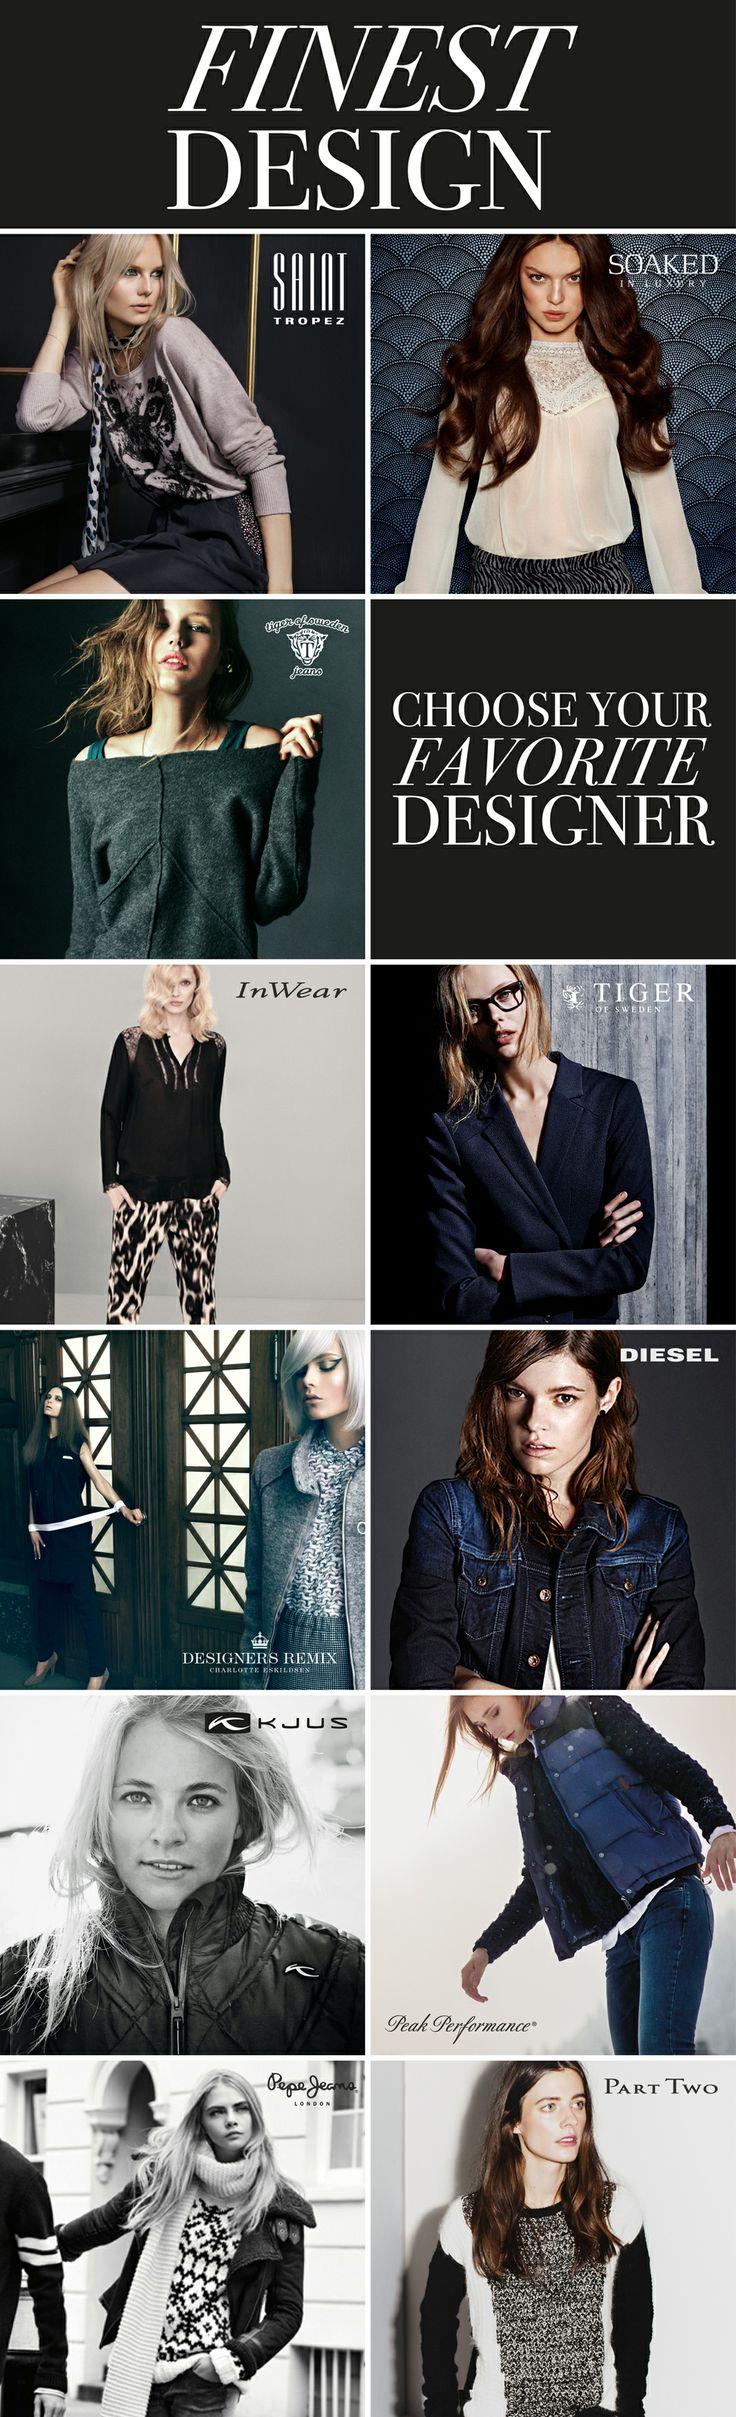 Die COMPANYS Designer Brands übersetzten angesagte Trends in atemberaubende Kollektionen, die Individualität, Stil und Exklusivität vereinen.  Wählen Sie Ihren Lieblings-Designer - klassisch, trendy oder casual!